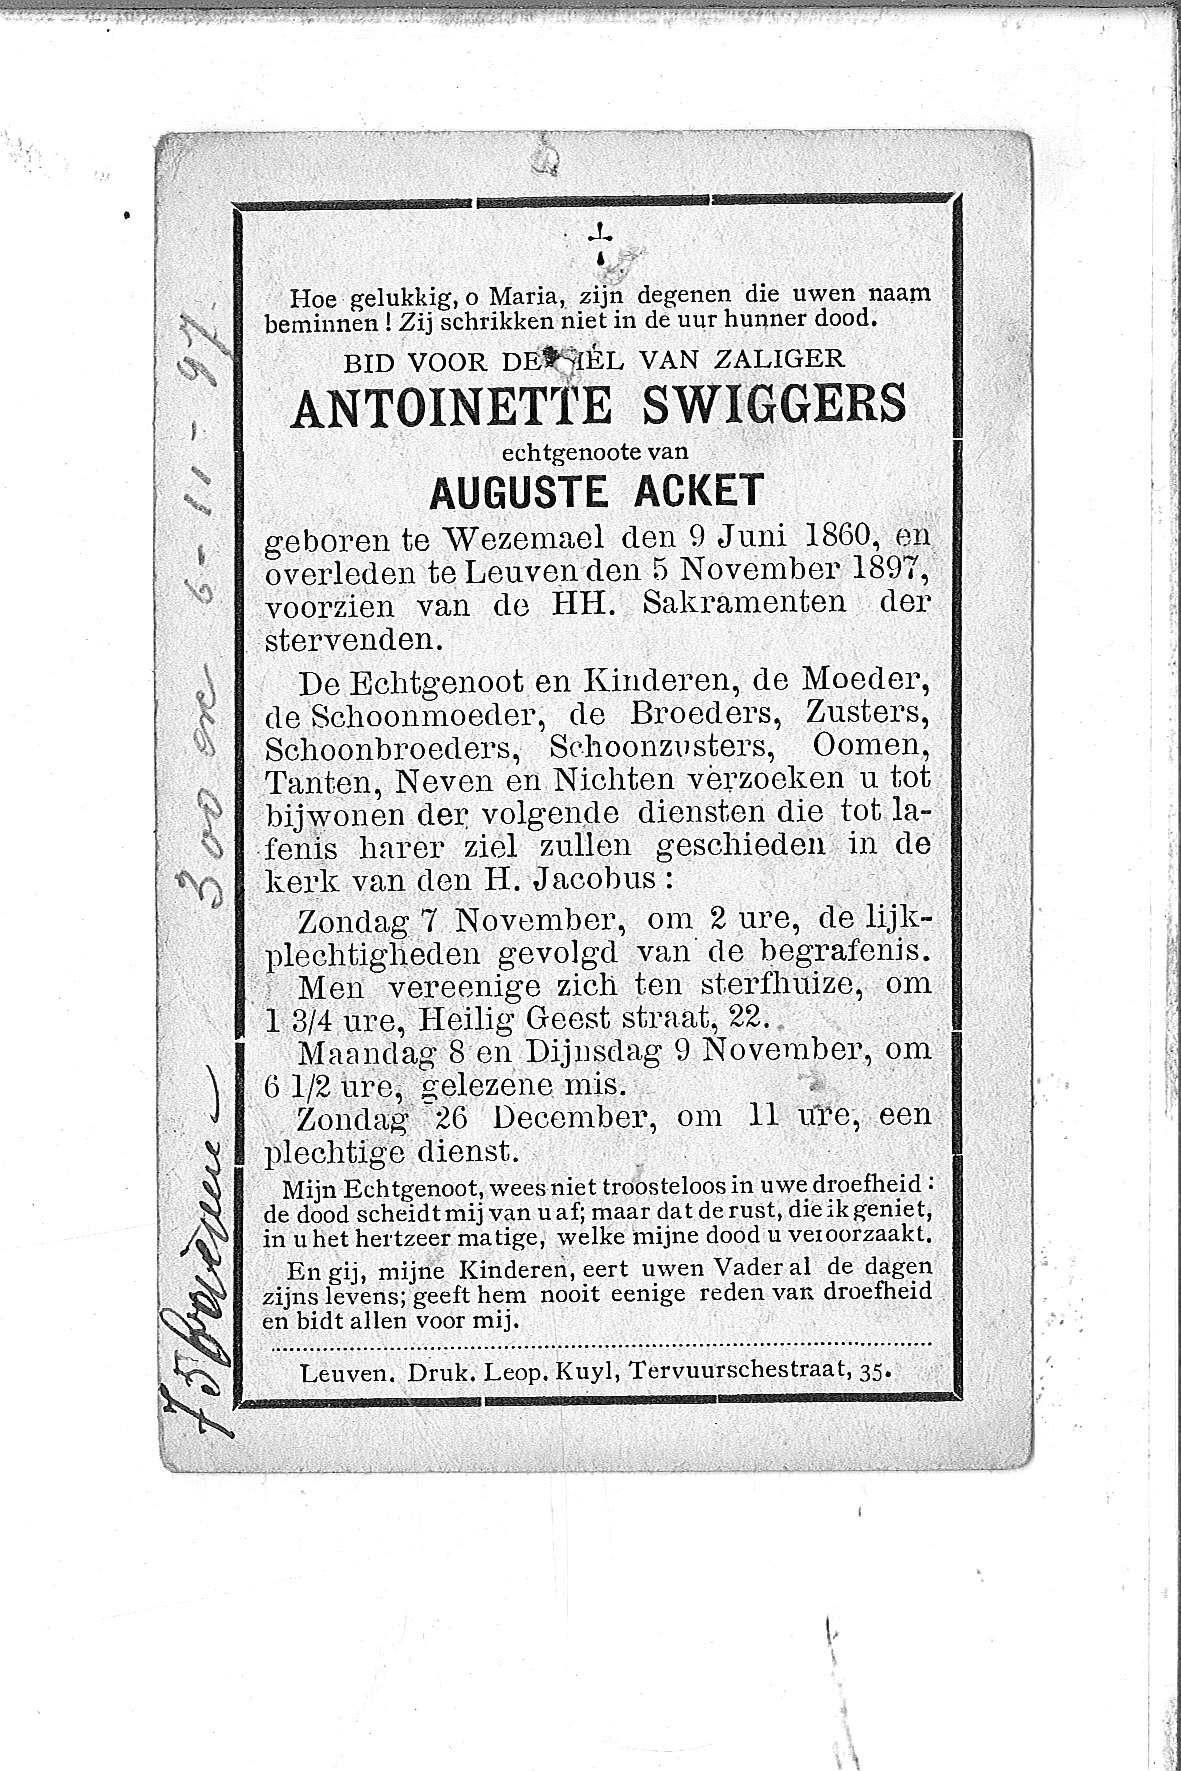 Antoinette(1897)20140709084001_00042.jpg